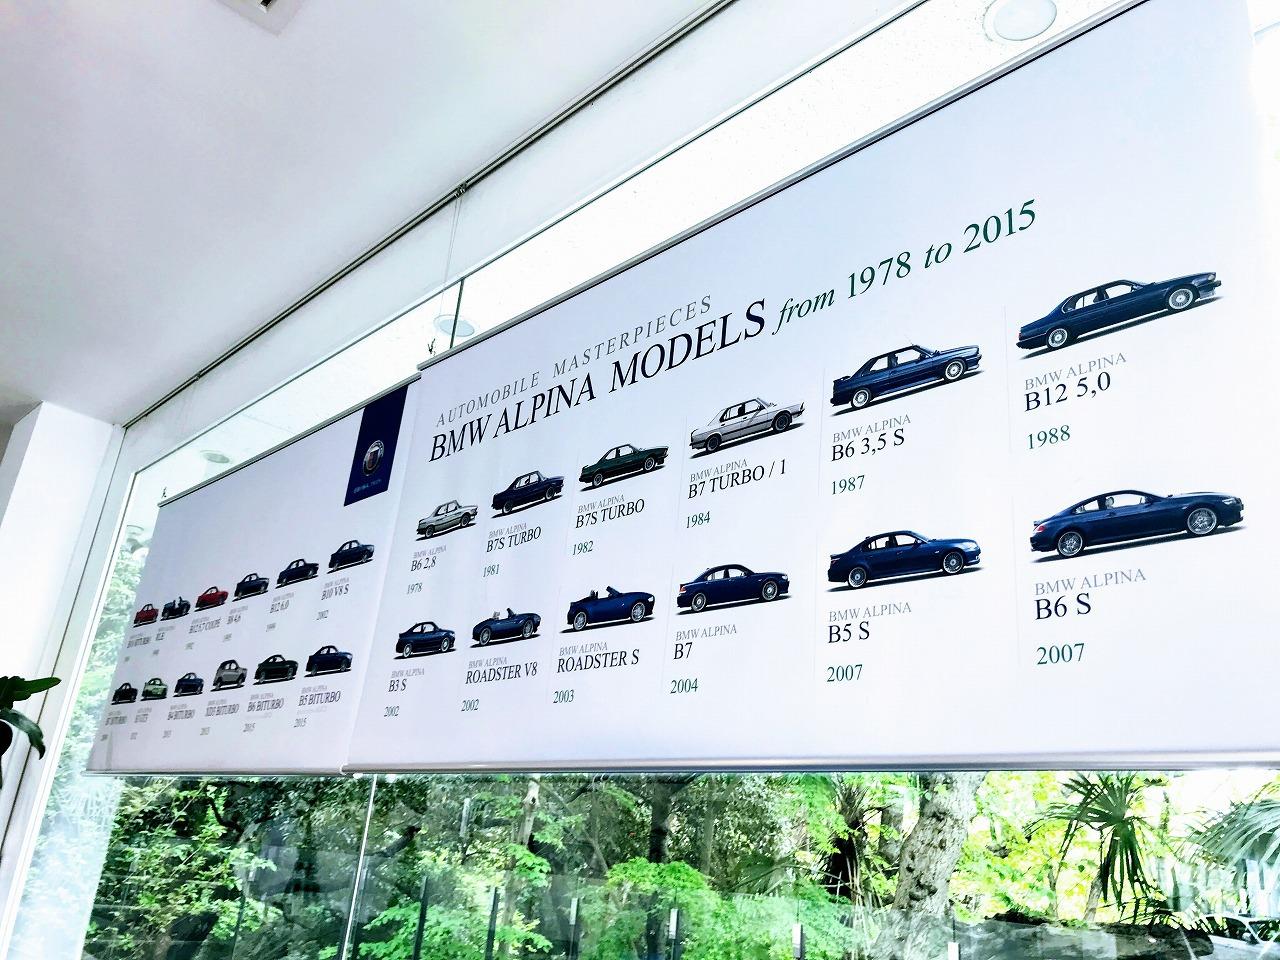 新型車BMW X2が日本でも価格発表&受注開始!X1よりリーズナブルな価格設定に驚きました。